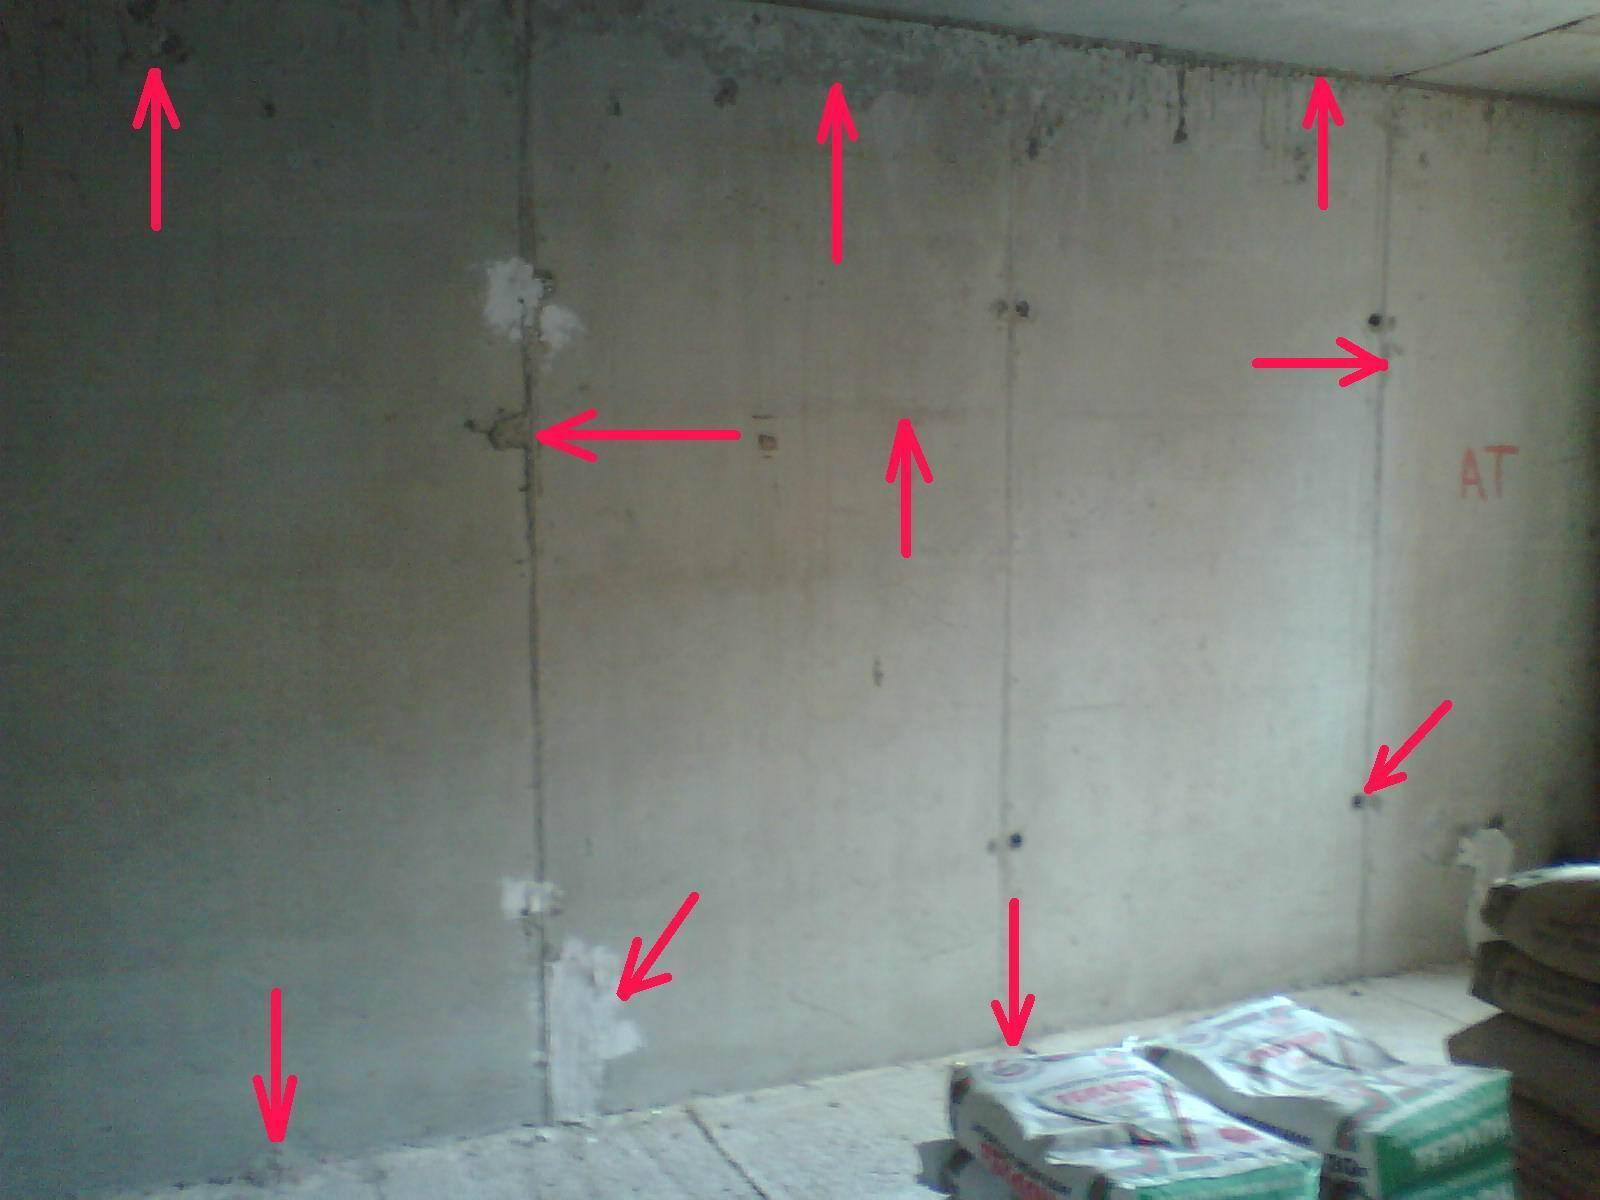 Установка штукатурных маяков на стену своими руками, виды маяков и способы установки.